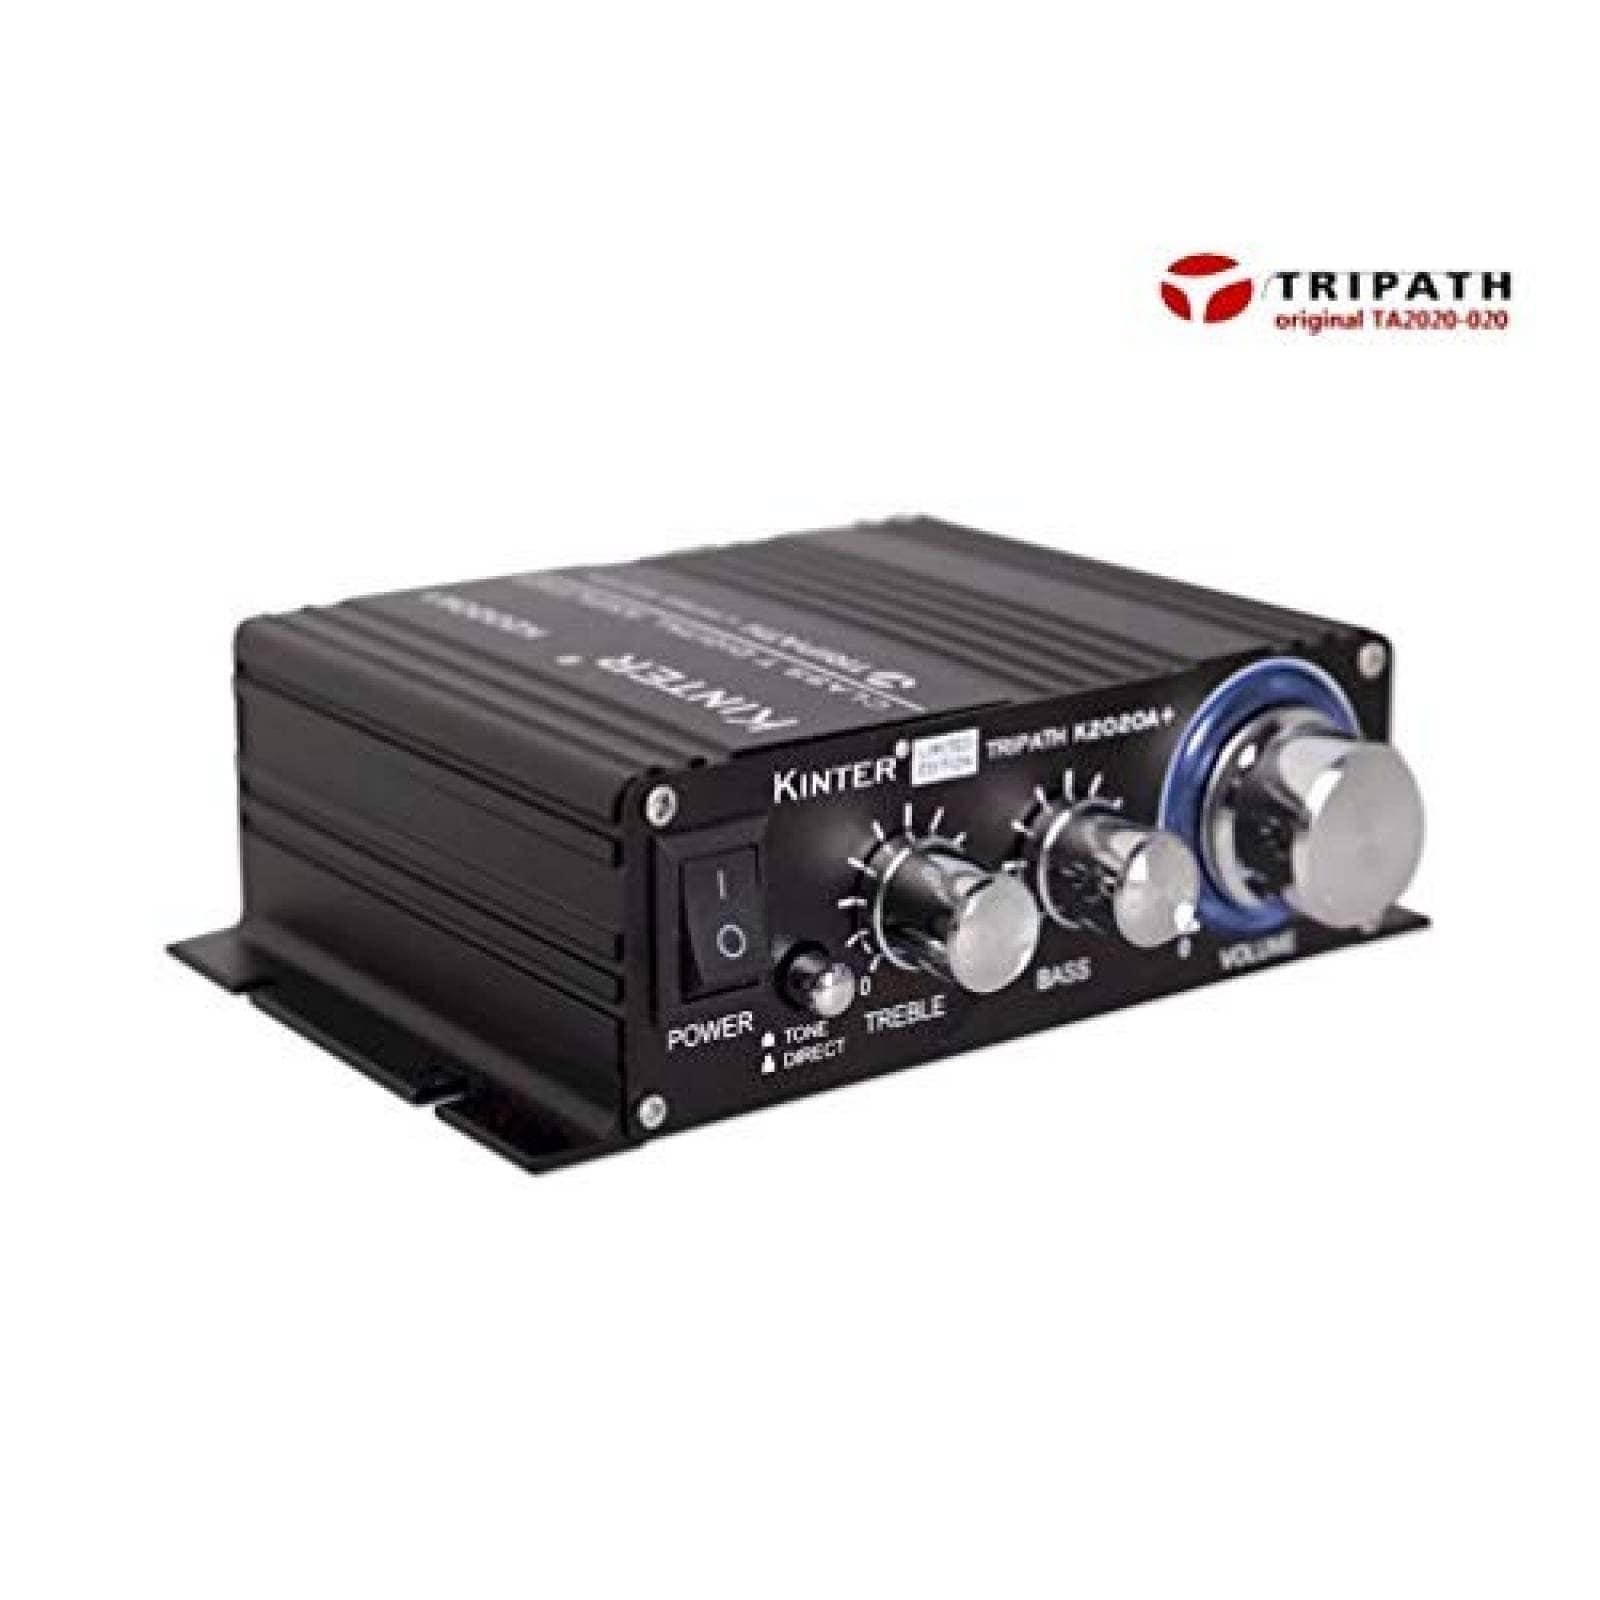 Amplificador Kinter k2020 a Edición Limitada 12 V 5 A -Negro